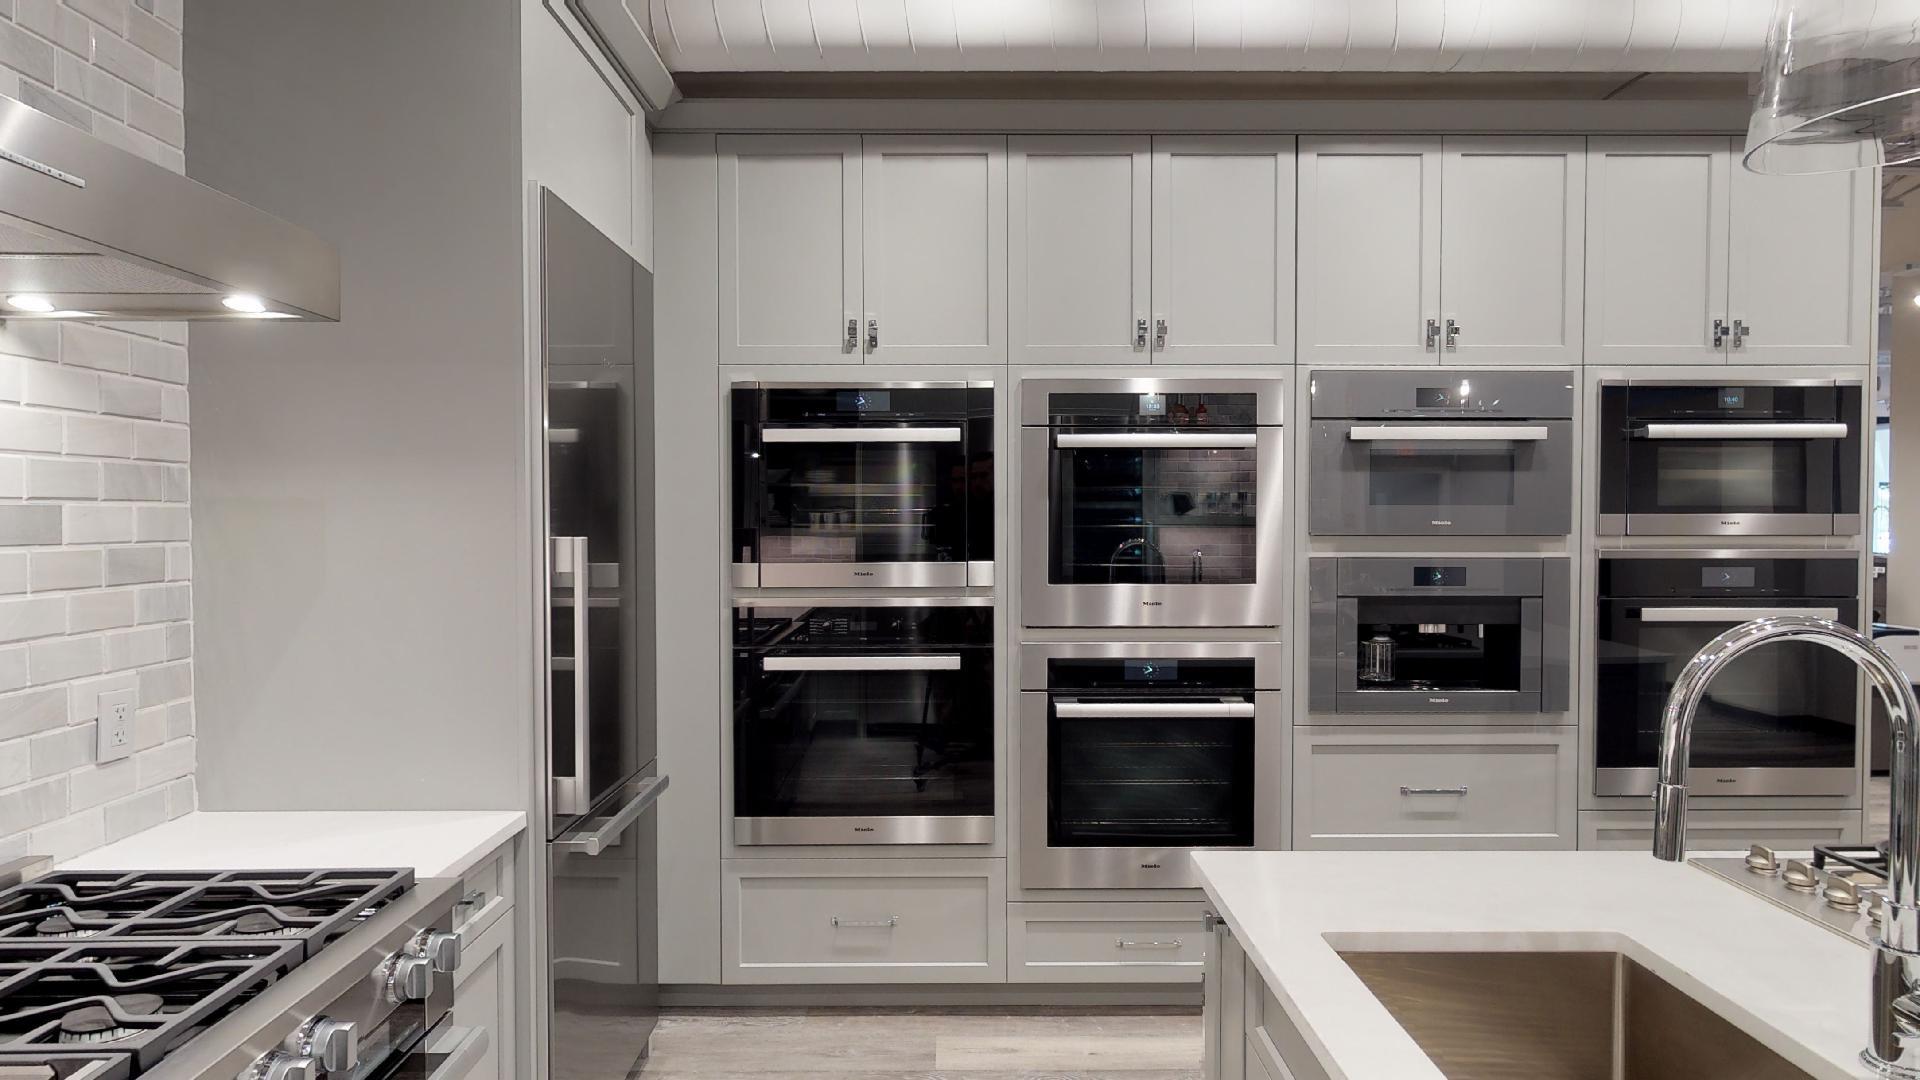 miele-wall-ovens-yale-appliance-hanover-ma